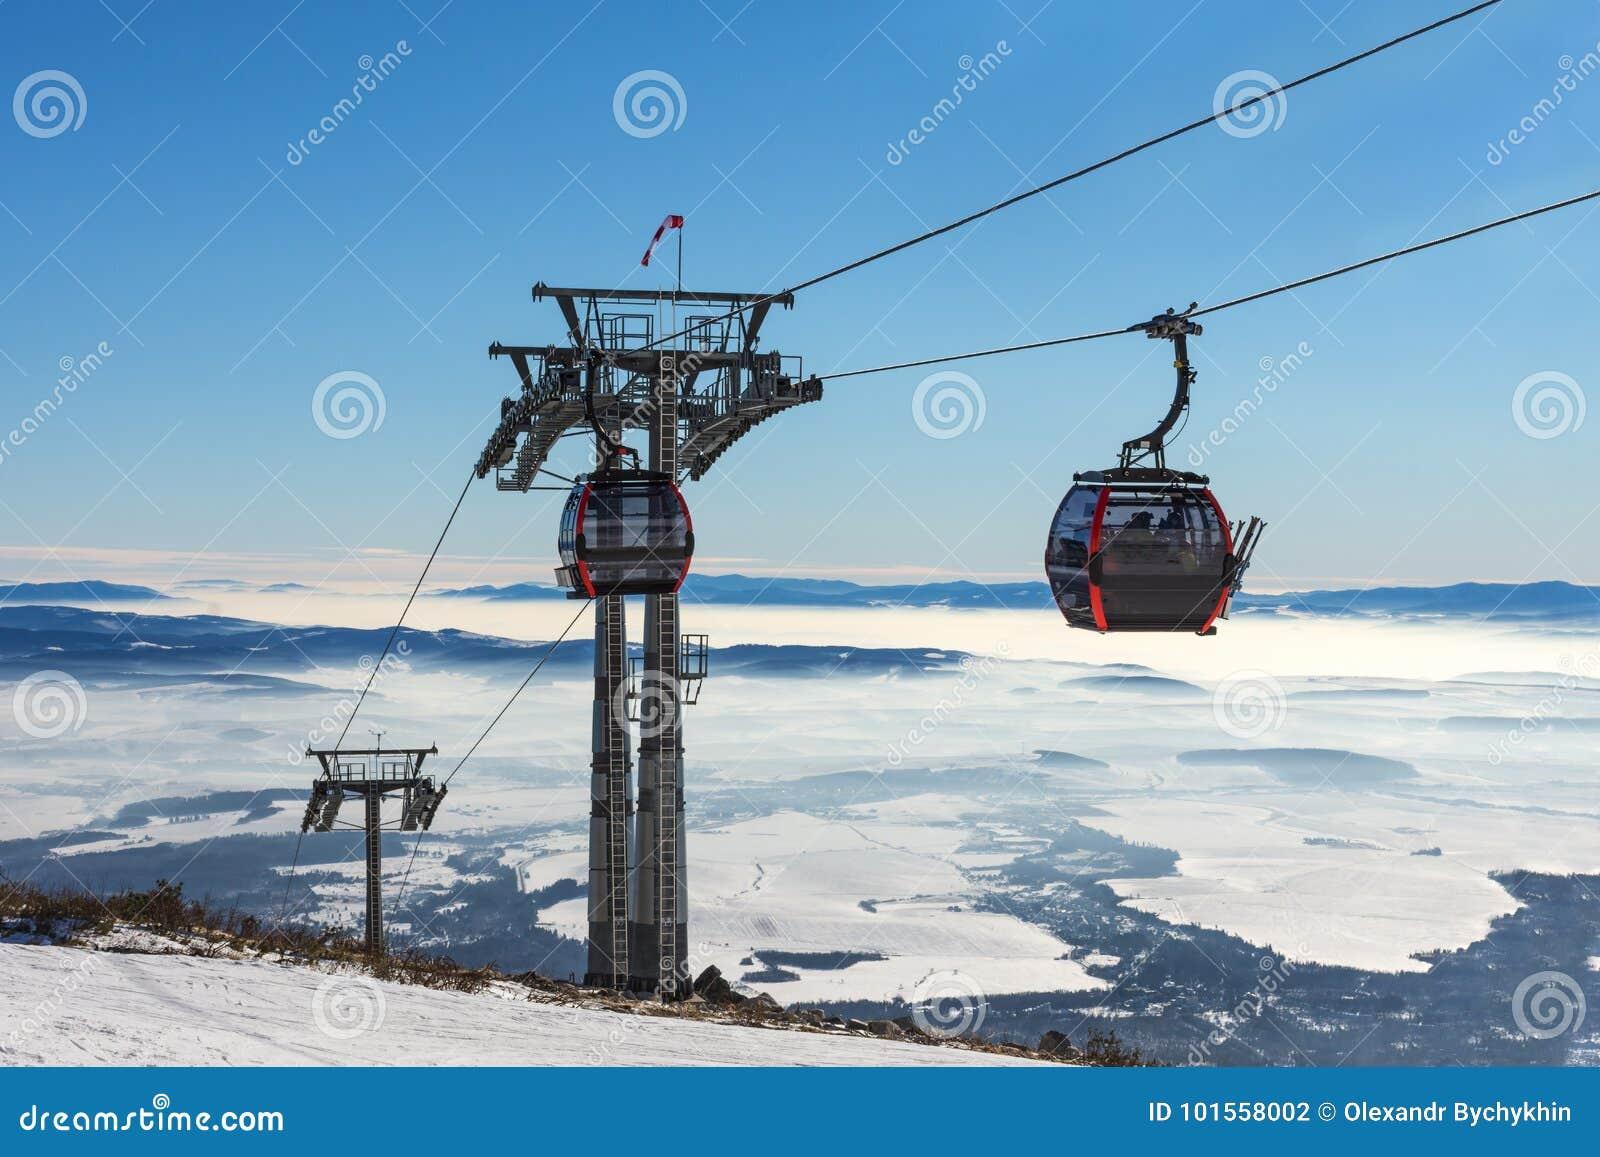 GONDELBAHN Kabine des Skiliftes im Skiort am frühen Morgen an der Dämmerung mit Bergspitze im Abstand